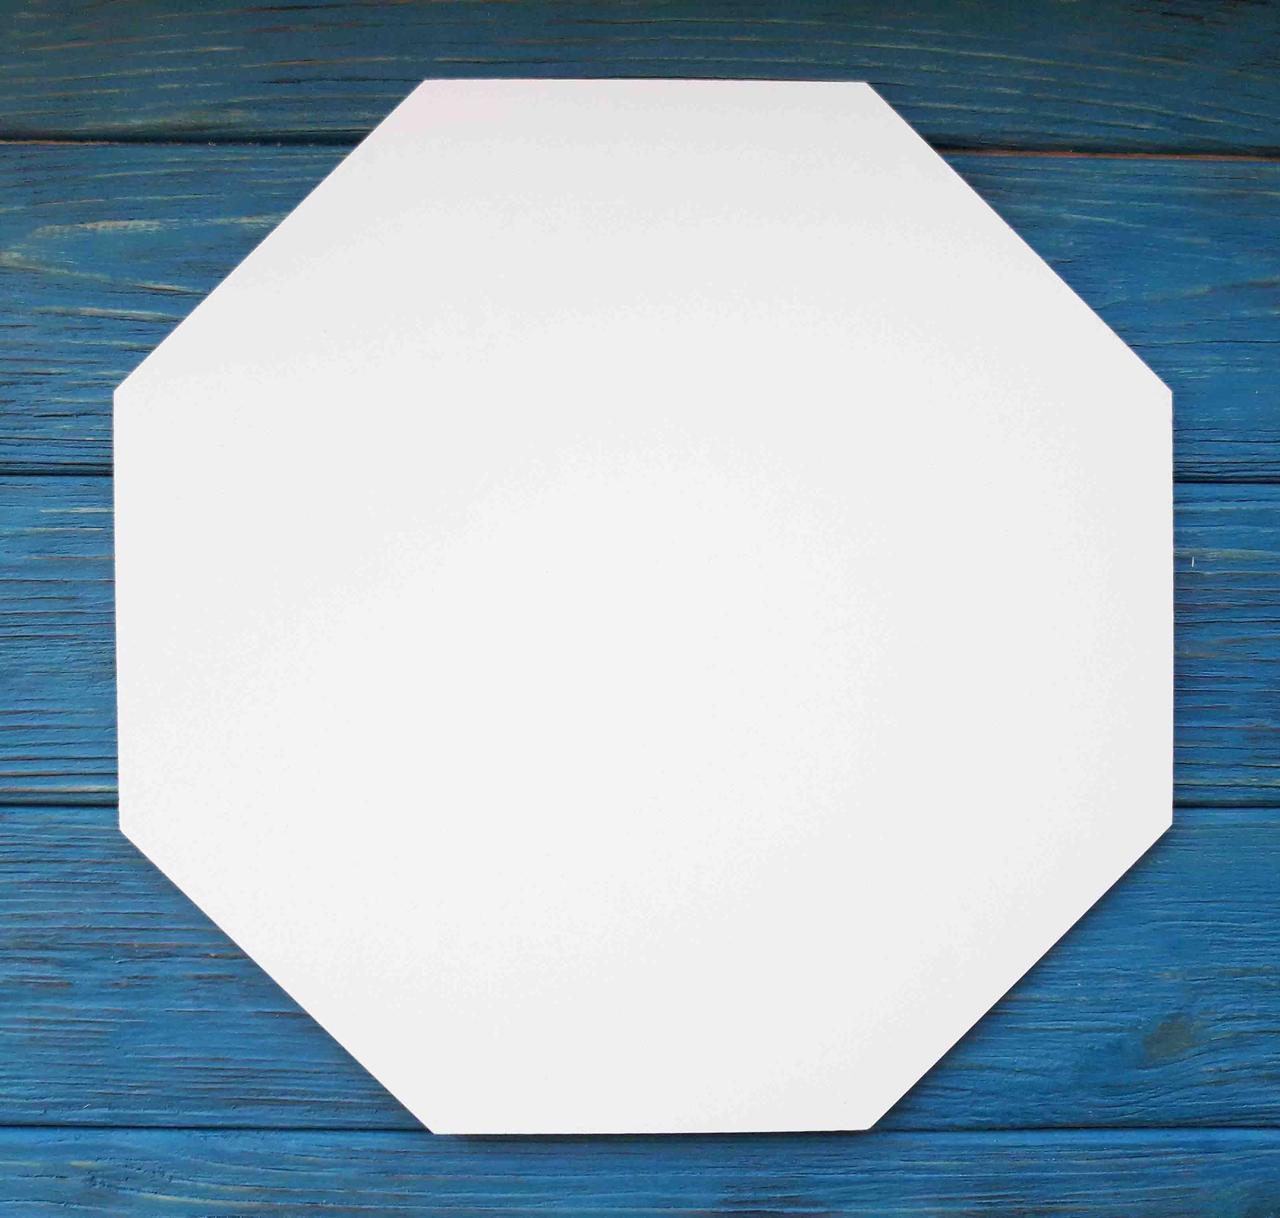 Подложка под торт. Подставка для торта. Восьмиугольник. Размер 30Х30 см